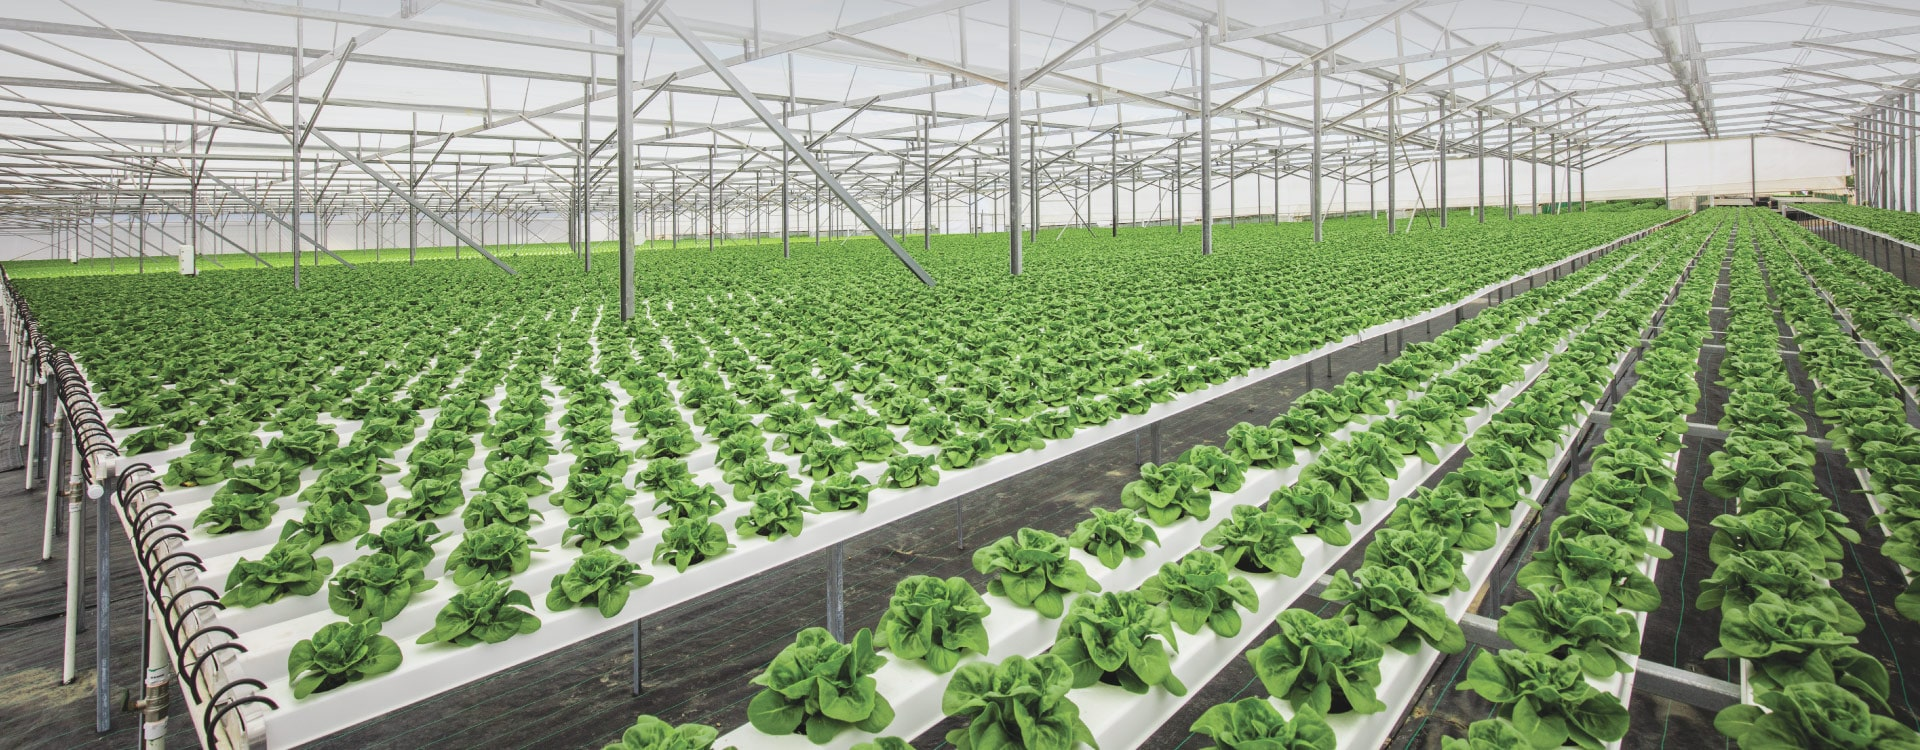 Geleneksel tarıma göre daha verimli olan hidroponik yetiştiricilik, aynı zamanda üreticiye kontrollü ve tasarruflu bir yetiştirme ortamıda sağlar.